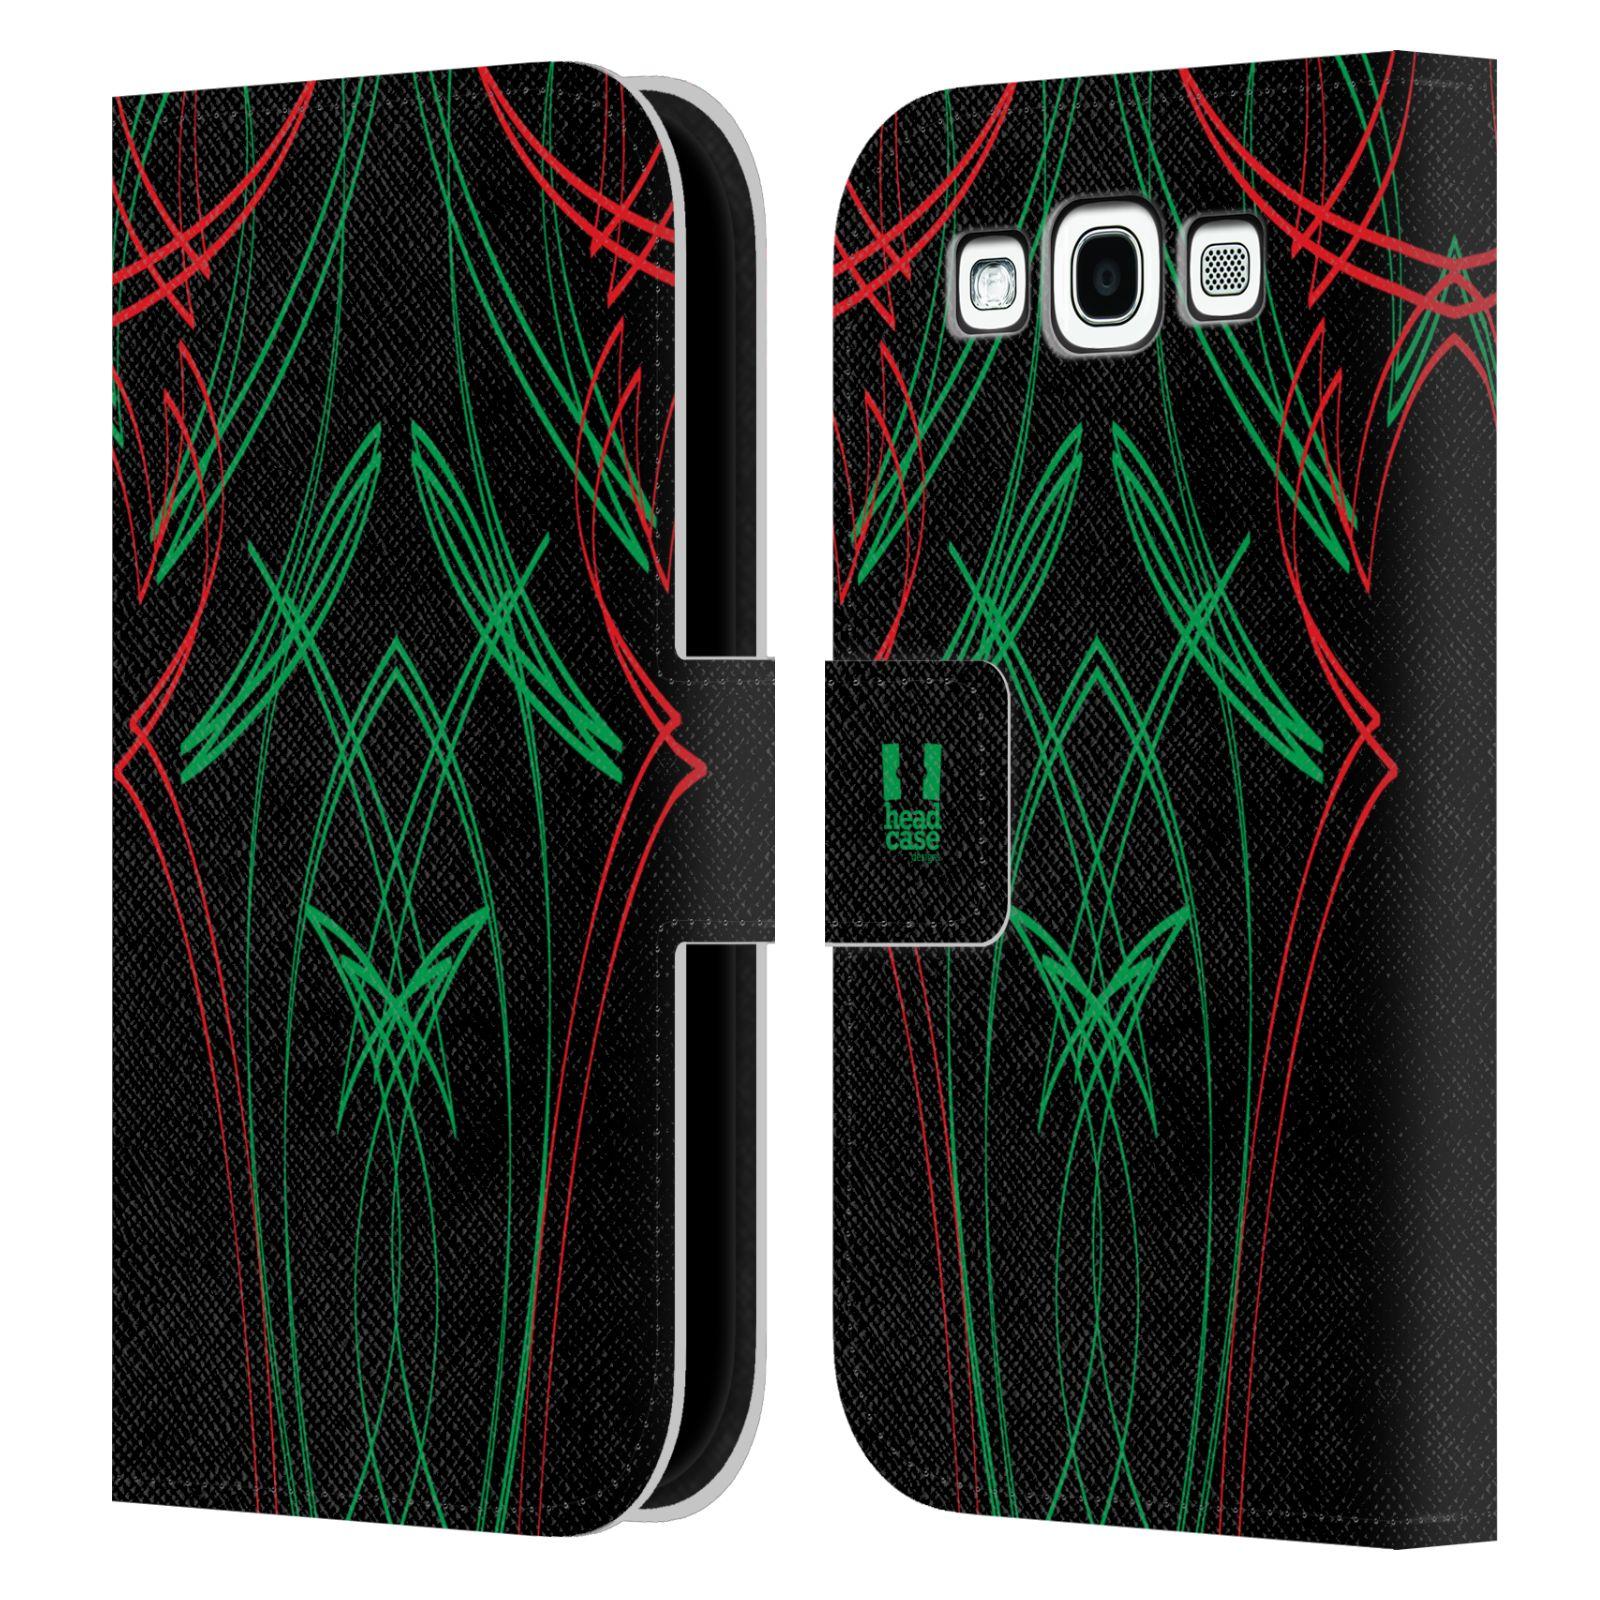 HEAD CASE Flipové pouzdro pro mobil Samsung Galaxy S3 barevné proužky tvary zelená a červená